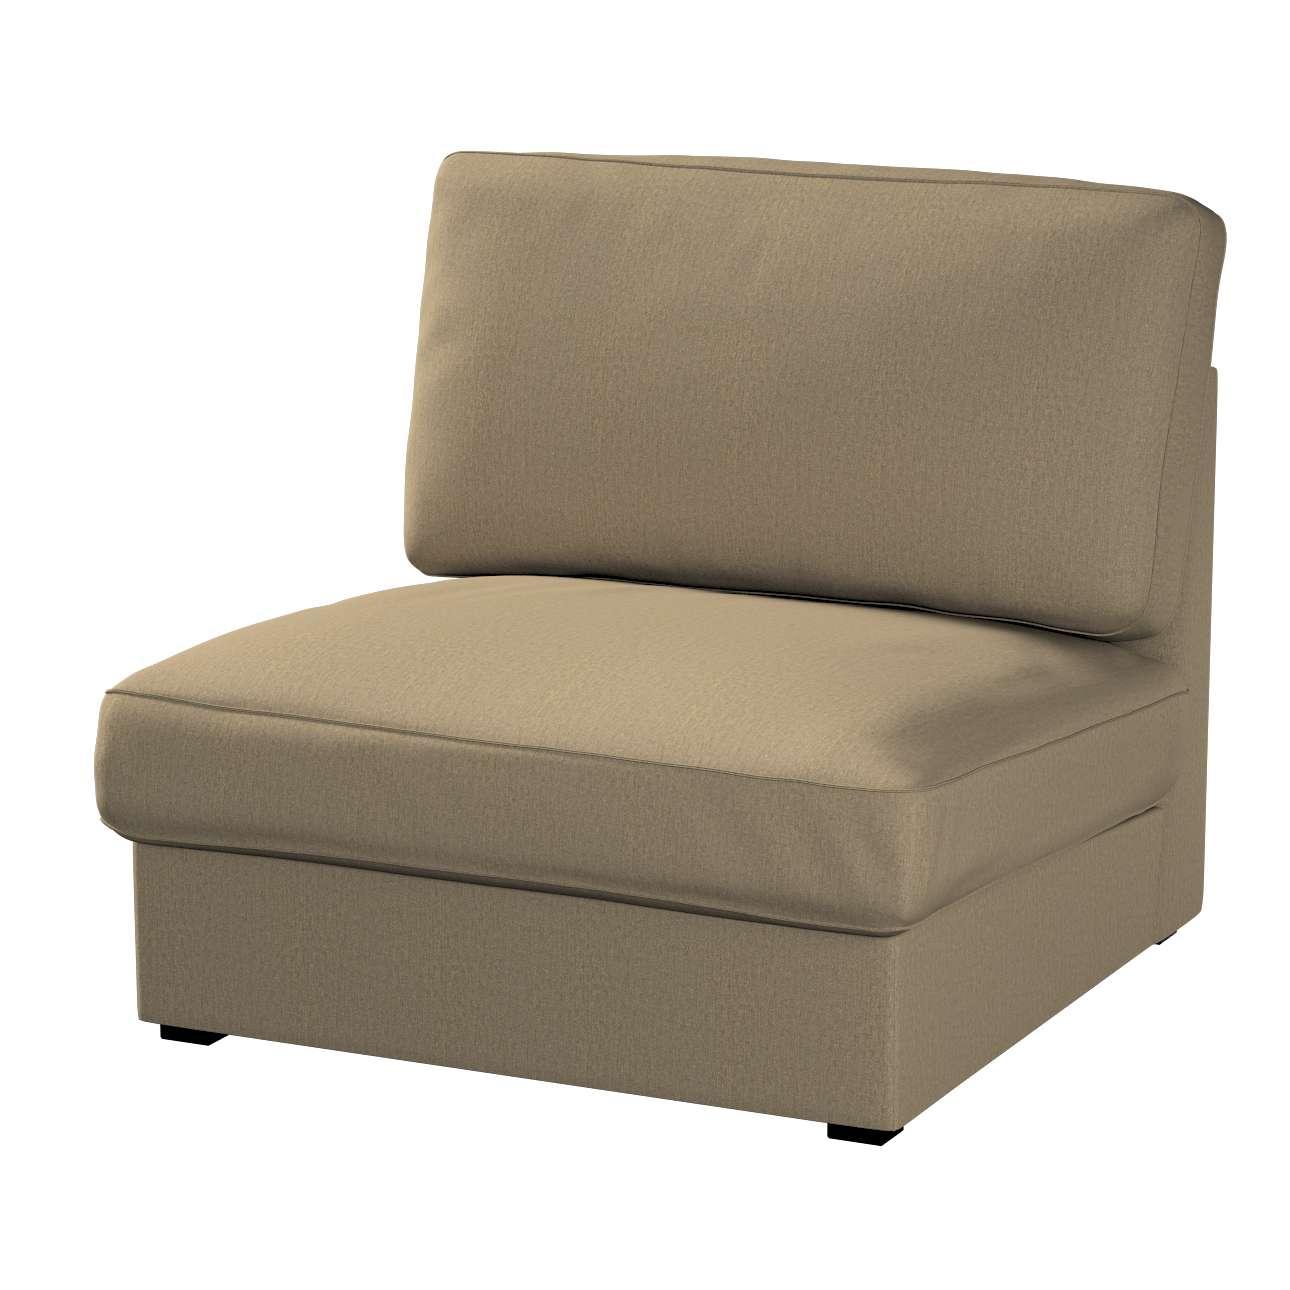 KIVIK fotelio/vienvietės dalies užvalkalas Kivik armchair kolekcijoje Chenille, audinys: 702-21